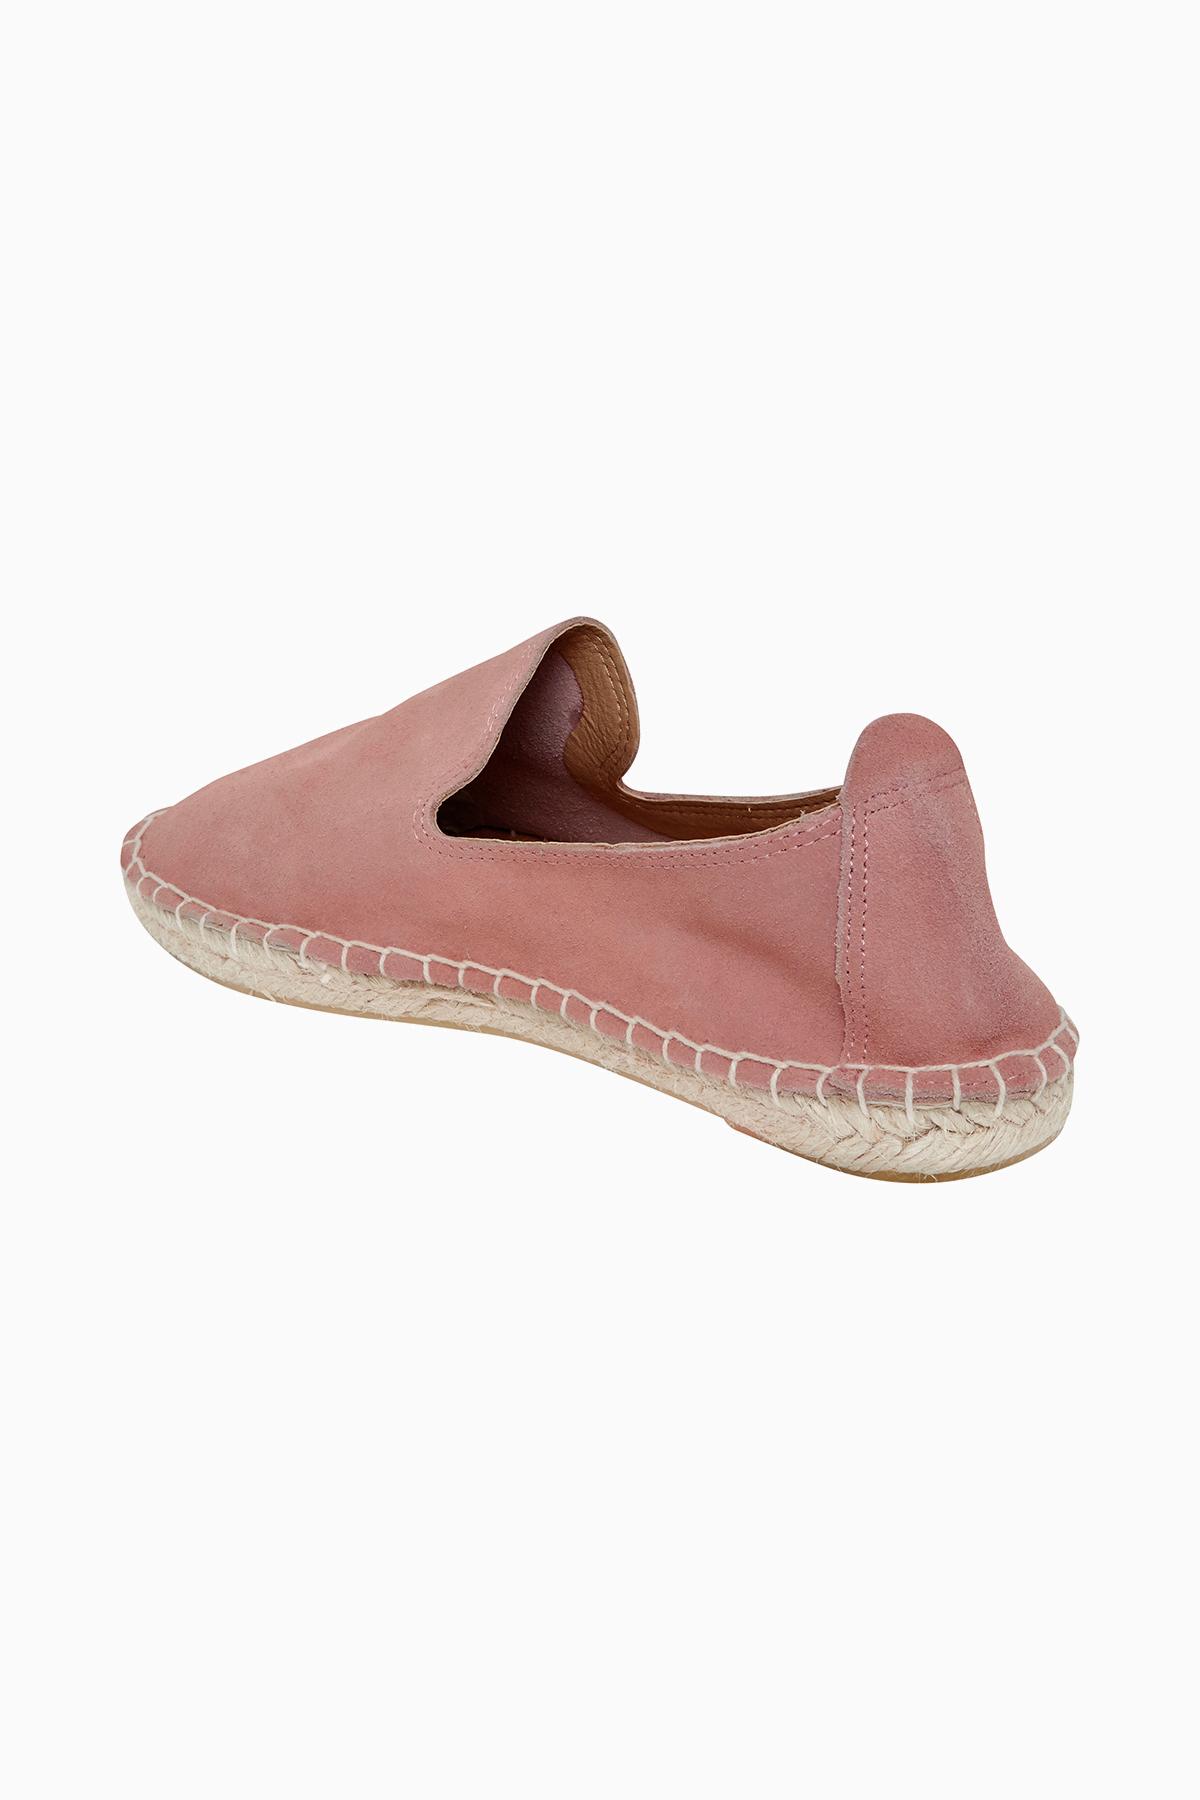 Gammalrosa Skor från Ichi - accessories – Köp Gammalrosa Skor från stl. 36-42 här